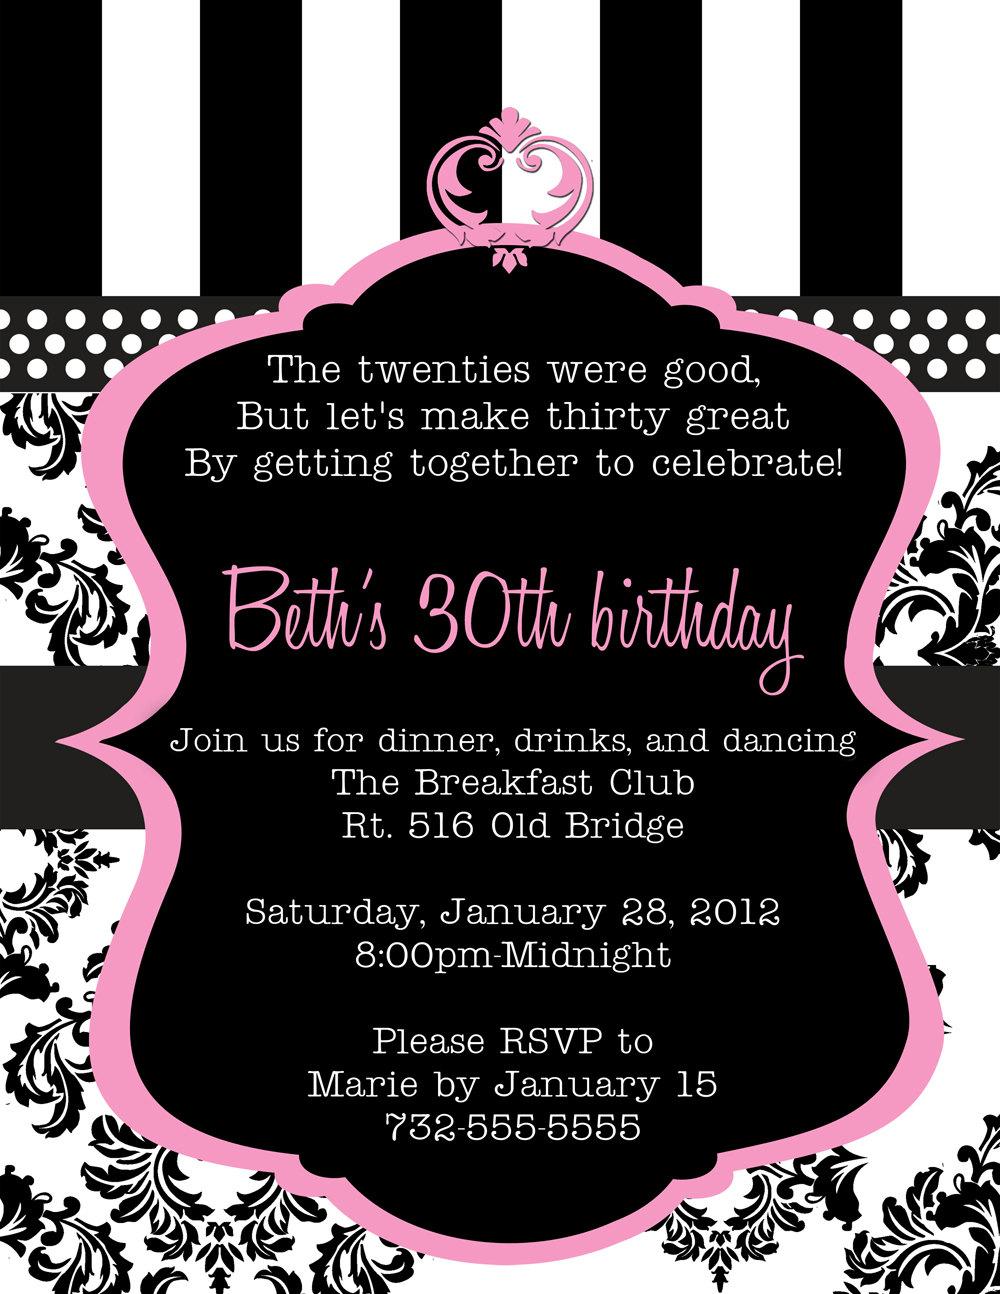 th birthday party invitation templates mickey mouse 30th birthday party invitations printable 30th birthday party invitations templates